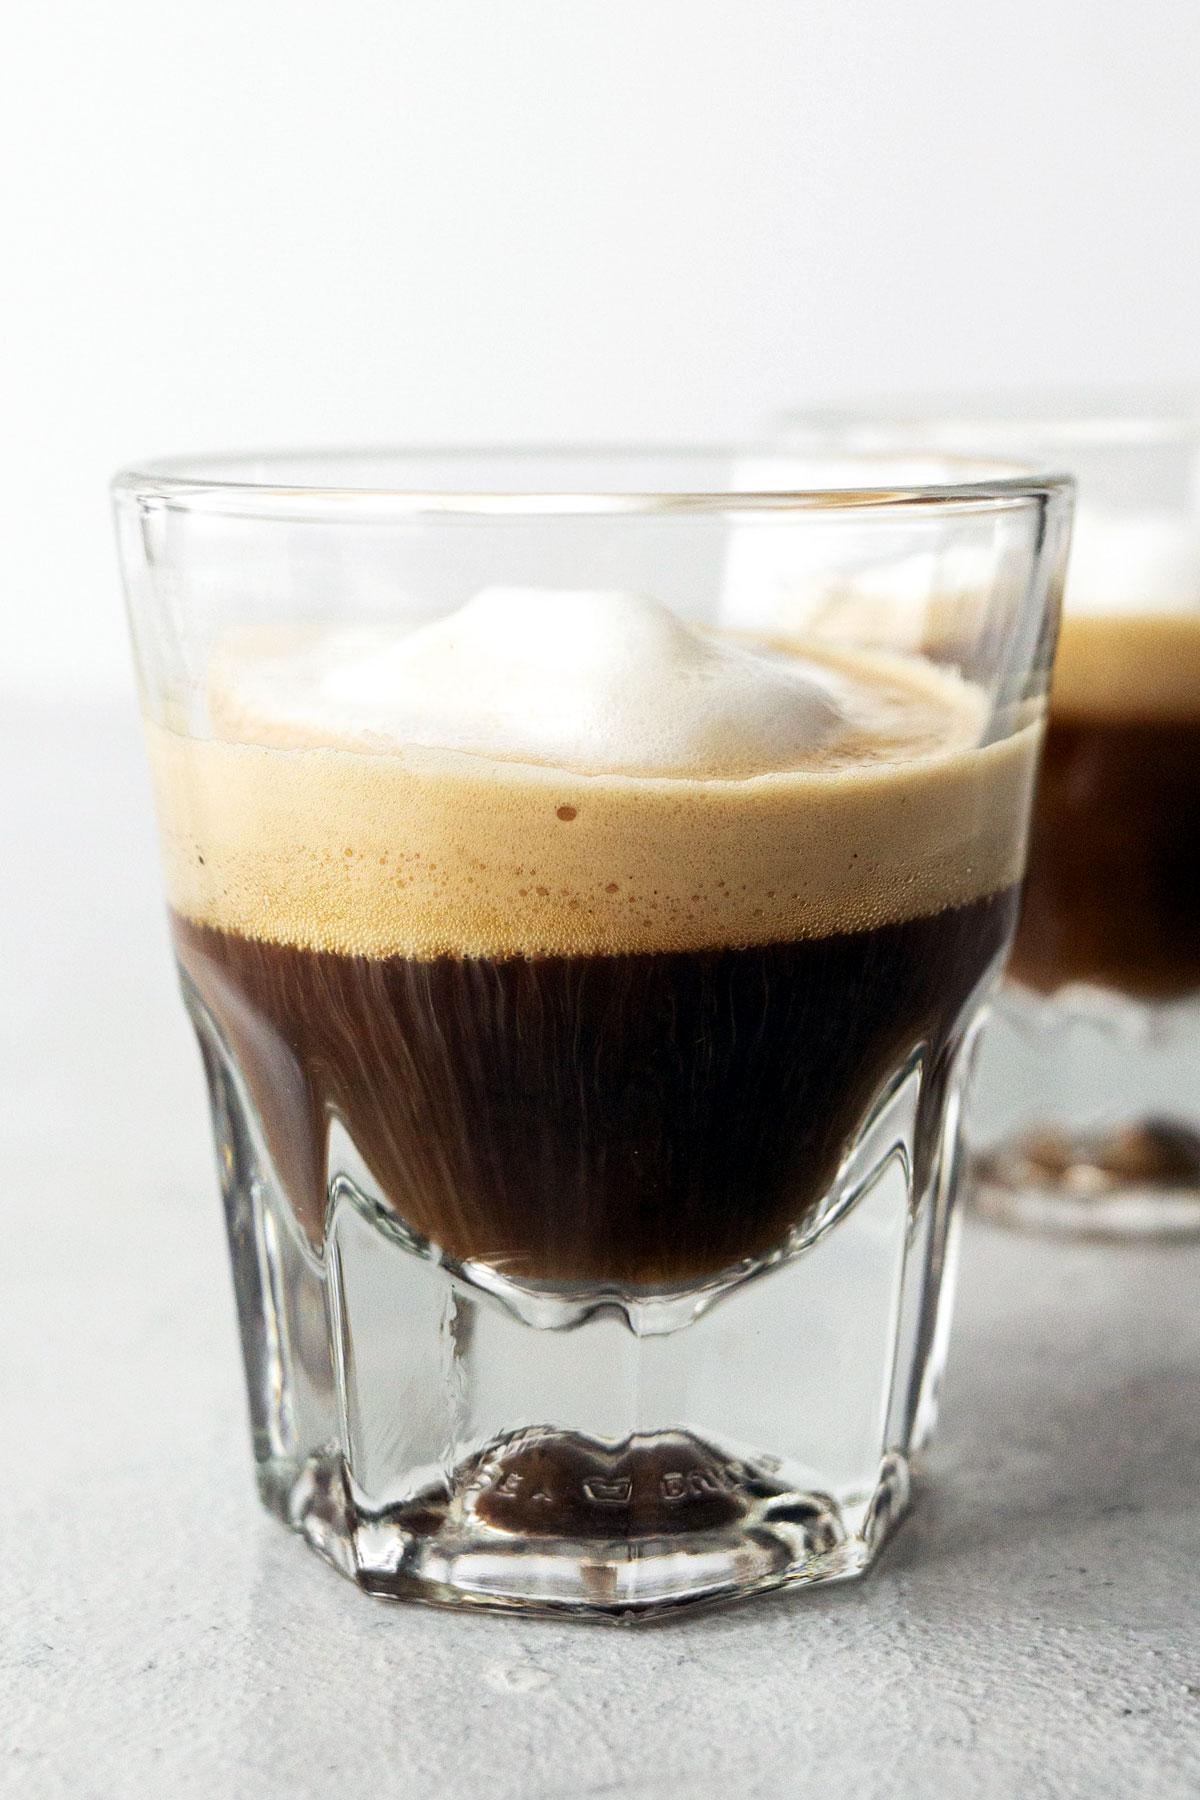 Espresso macchiato in a glass cup.